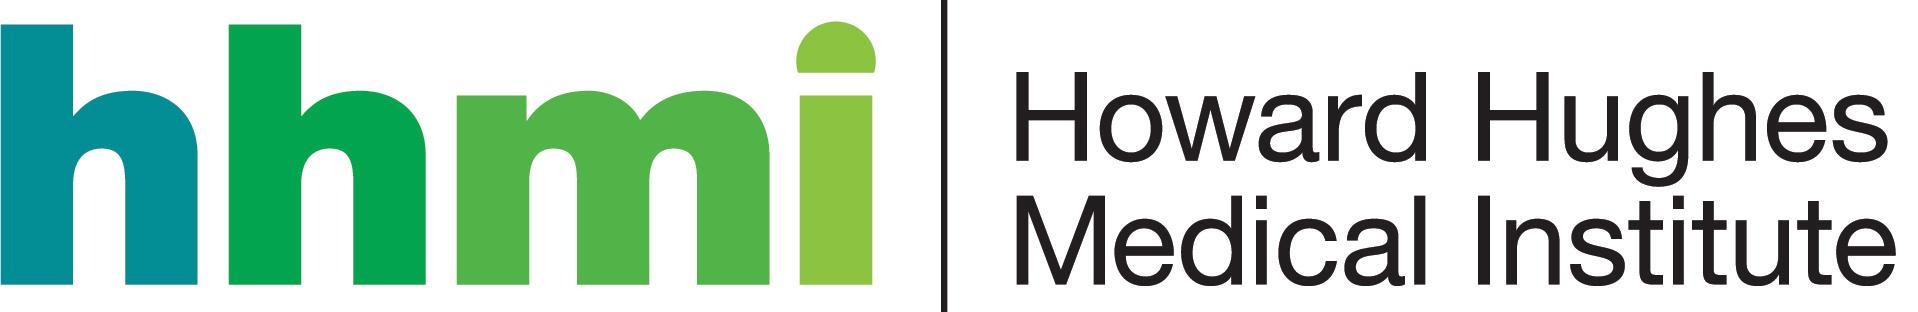 Hhmi_logo_small